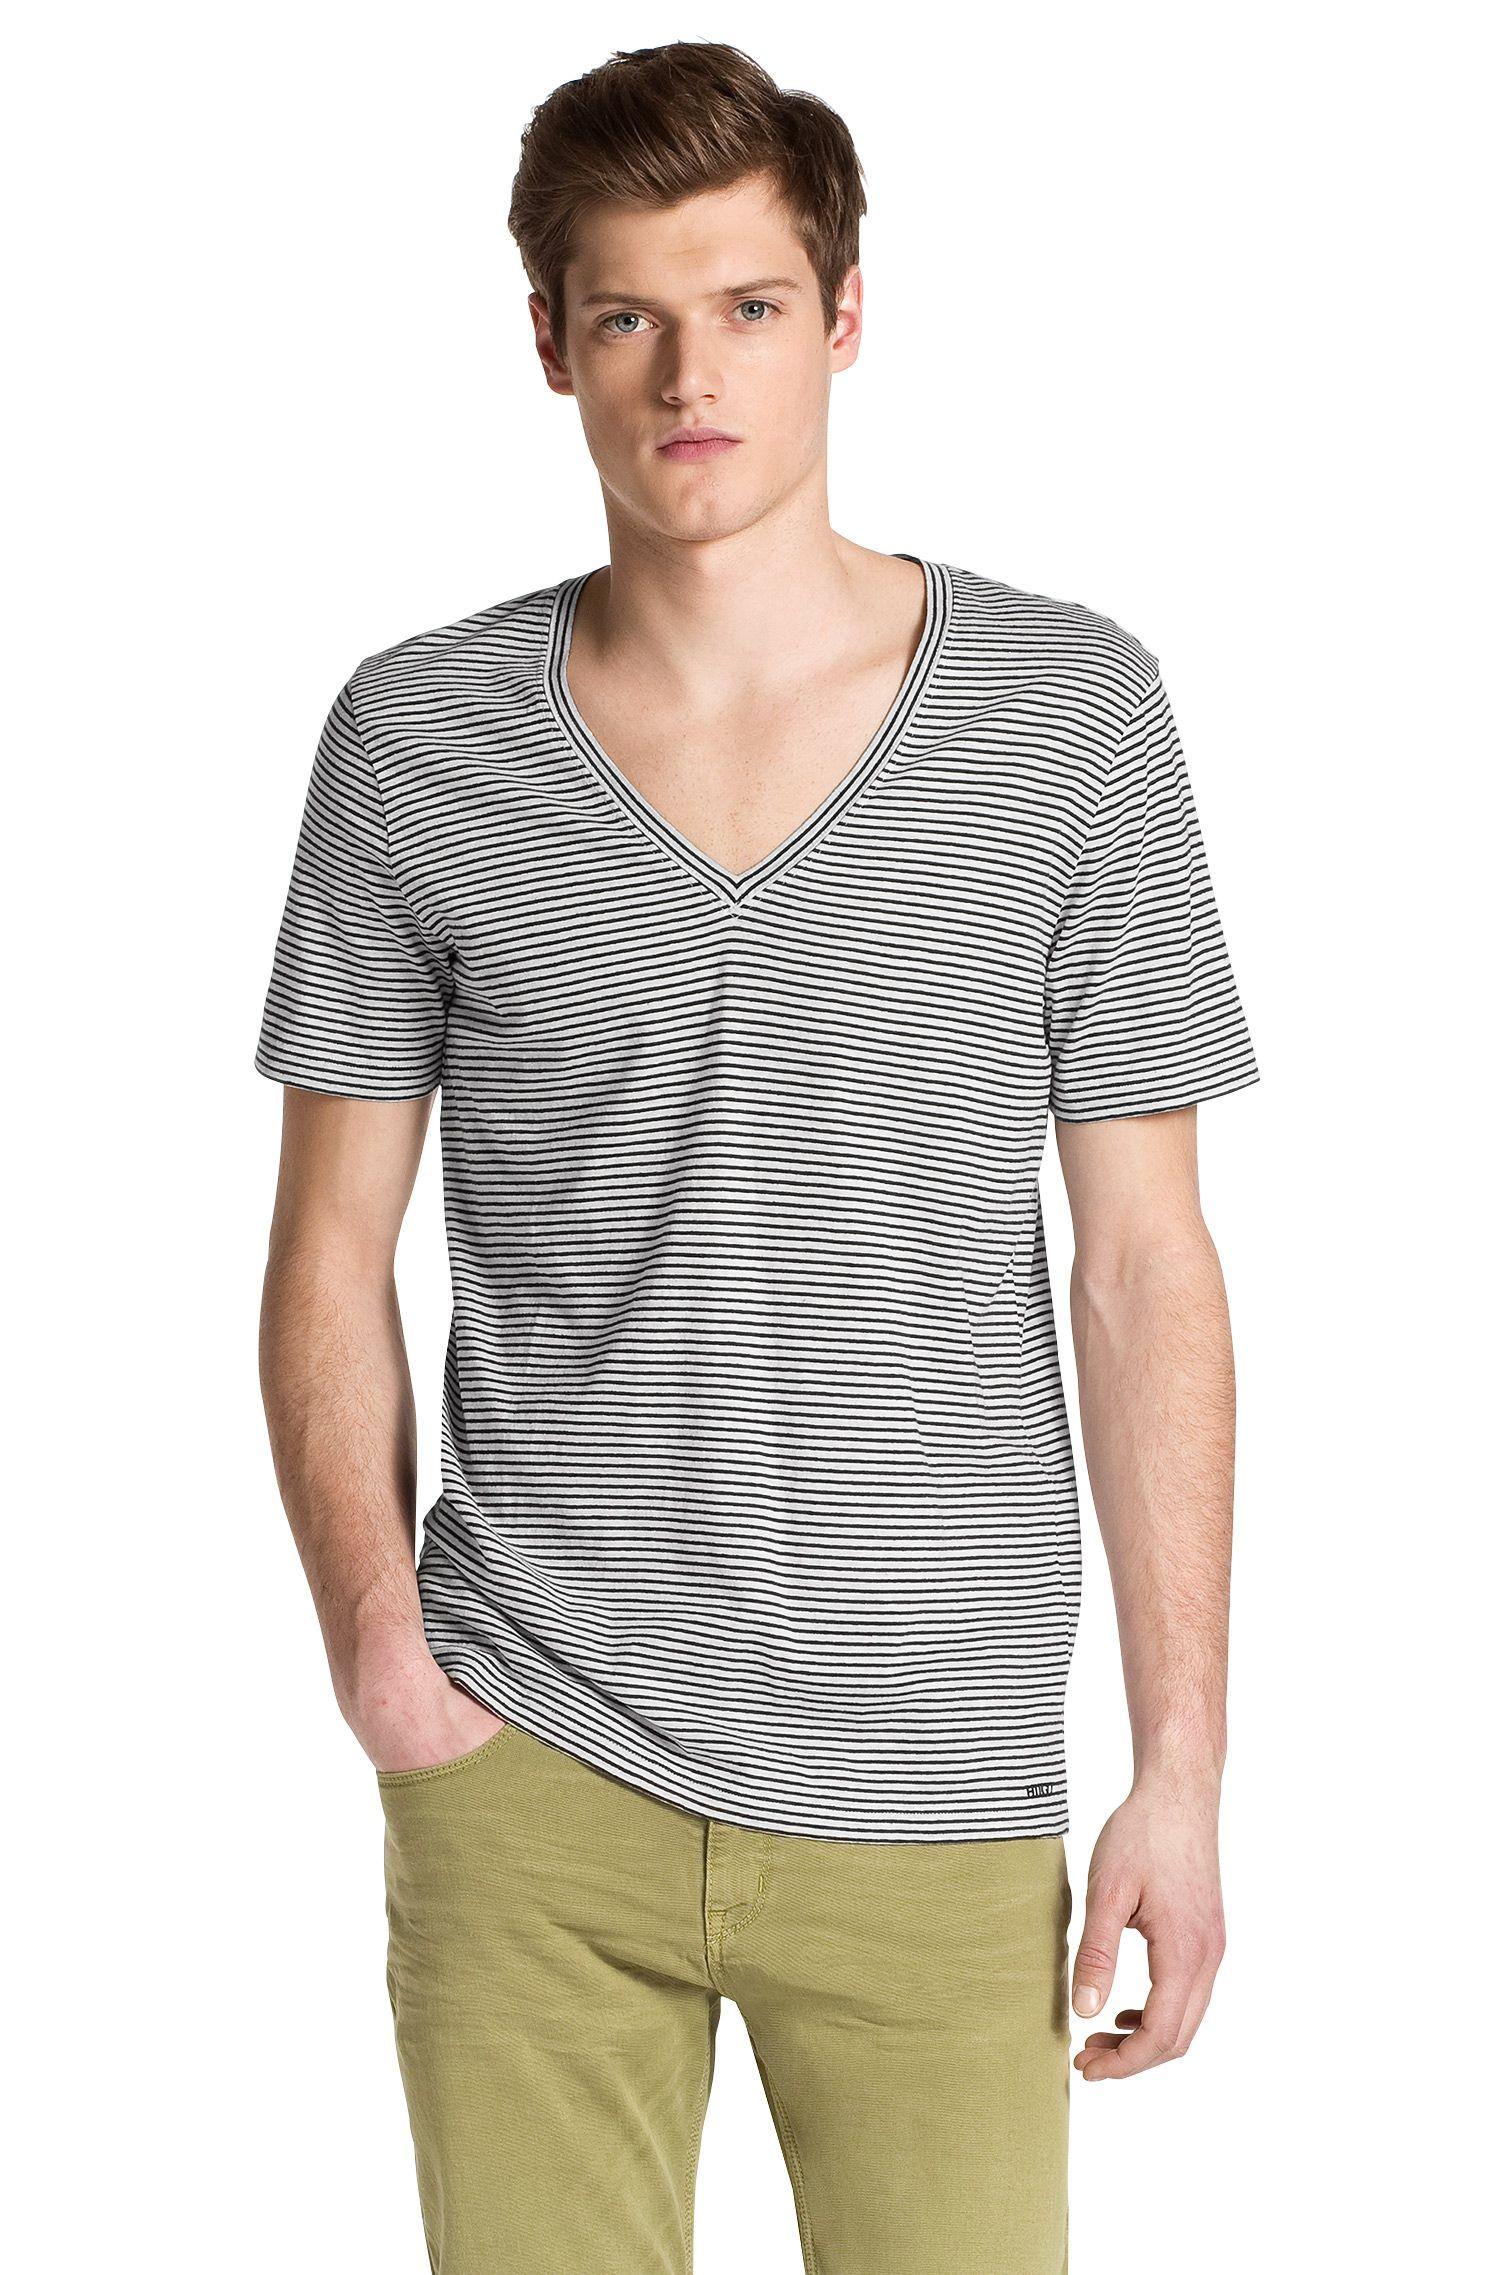 T-shirt ´Demerson` met V-hals, van HUGO